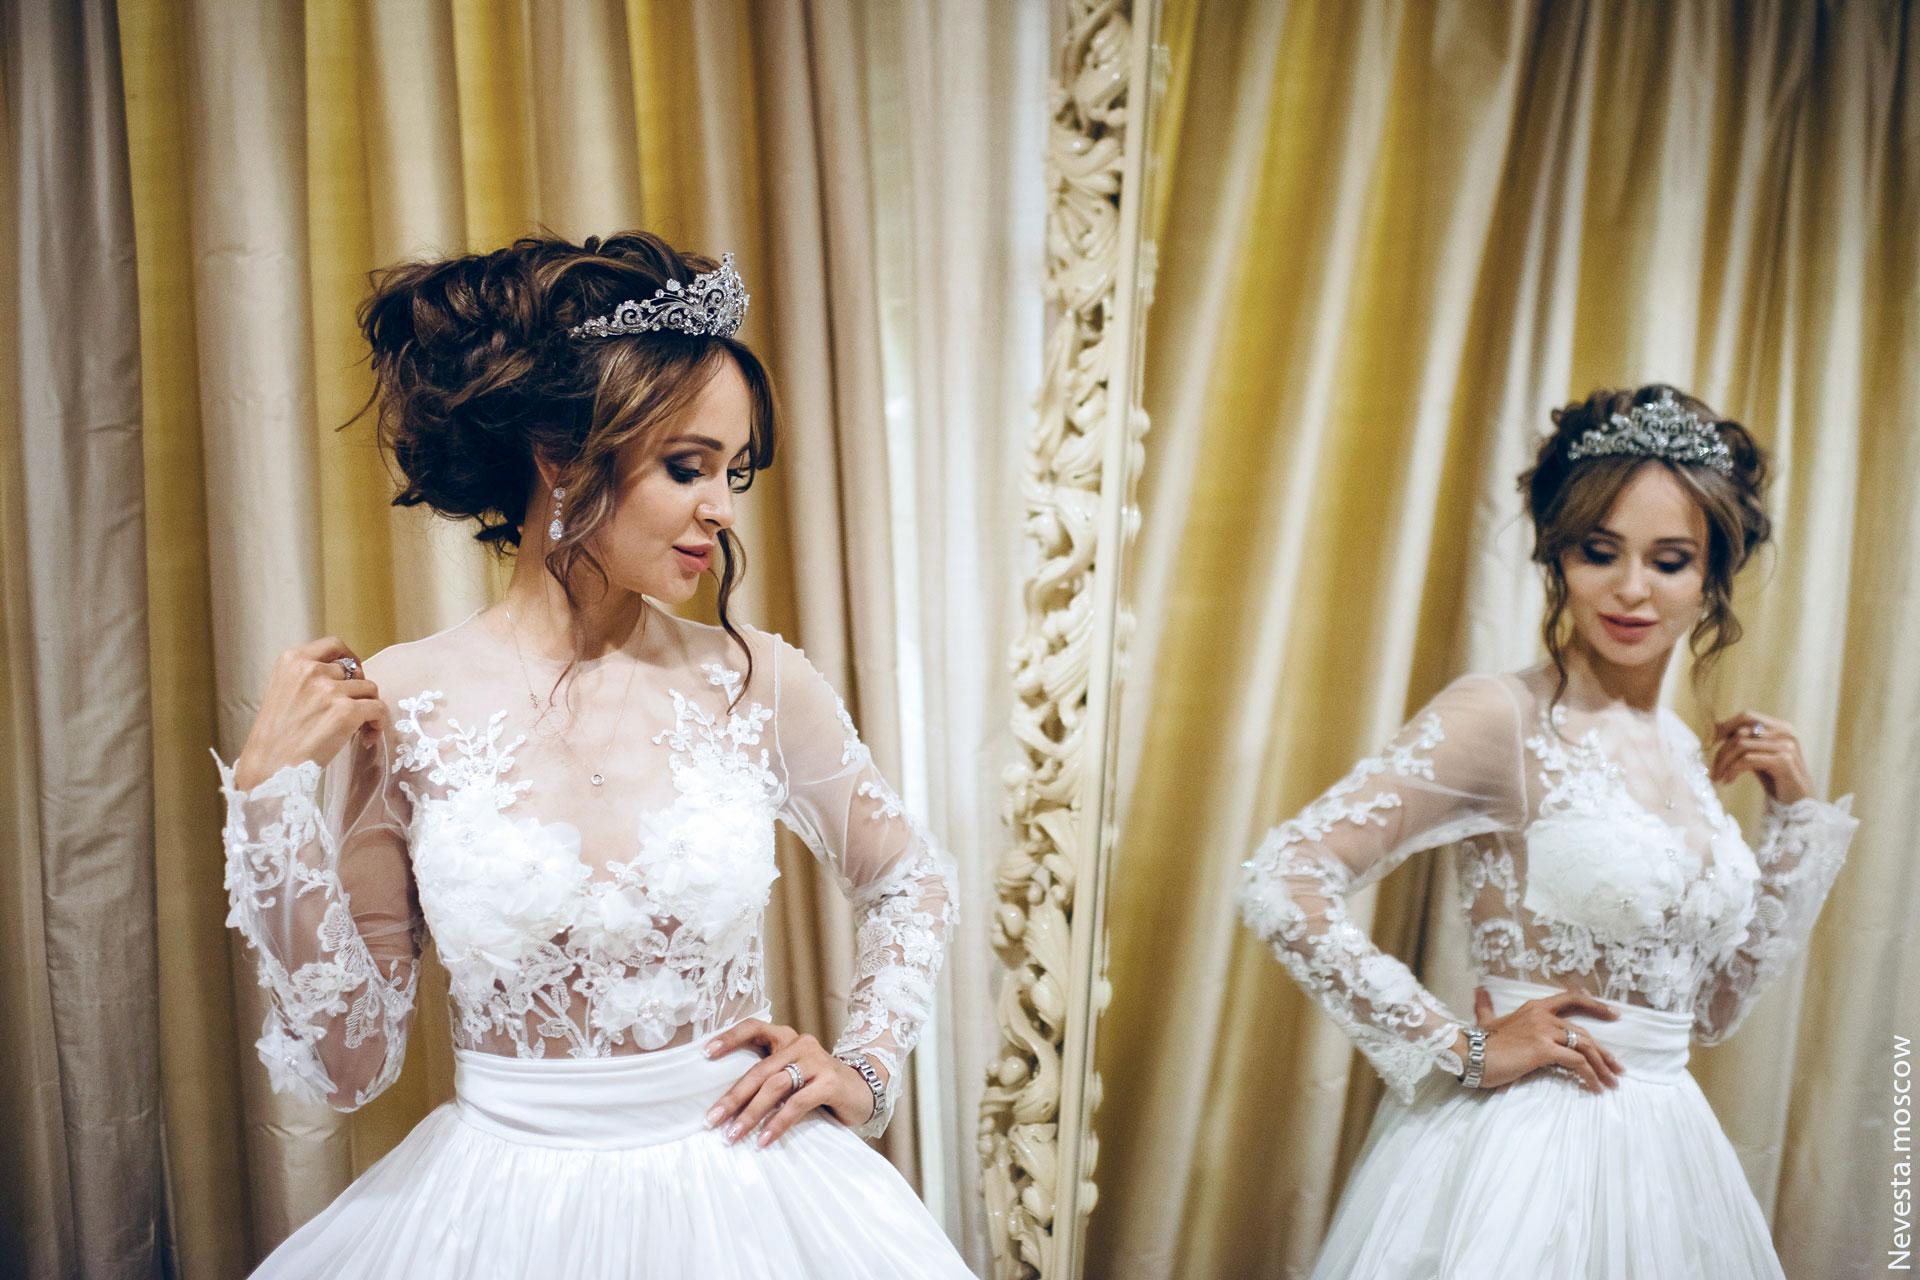 Анна Калашникова выбирает образ для своей свадьбы фото 33